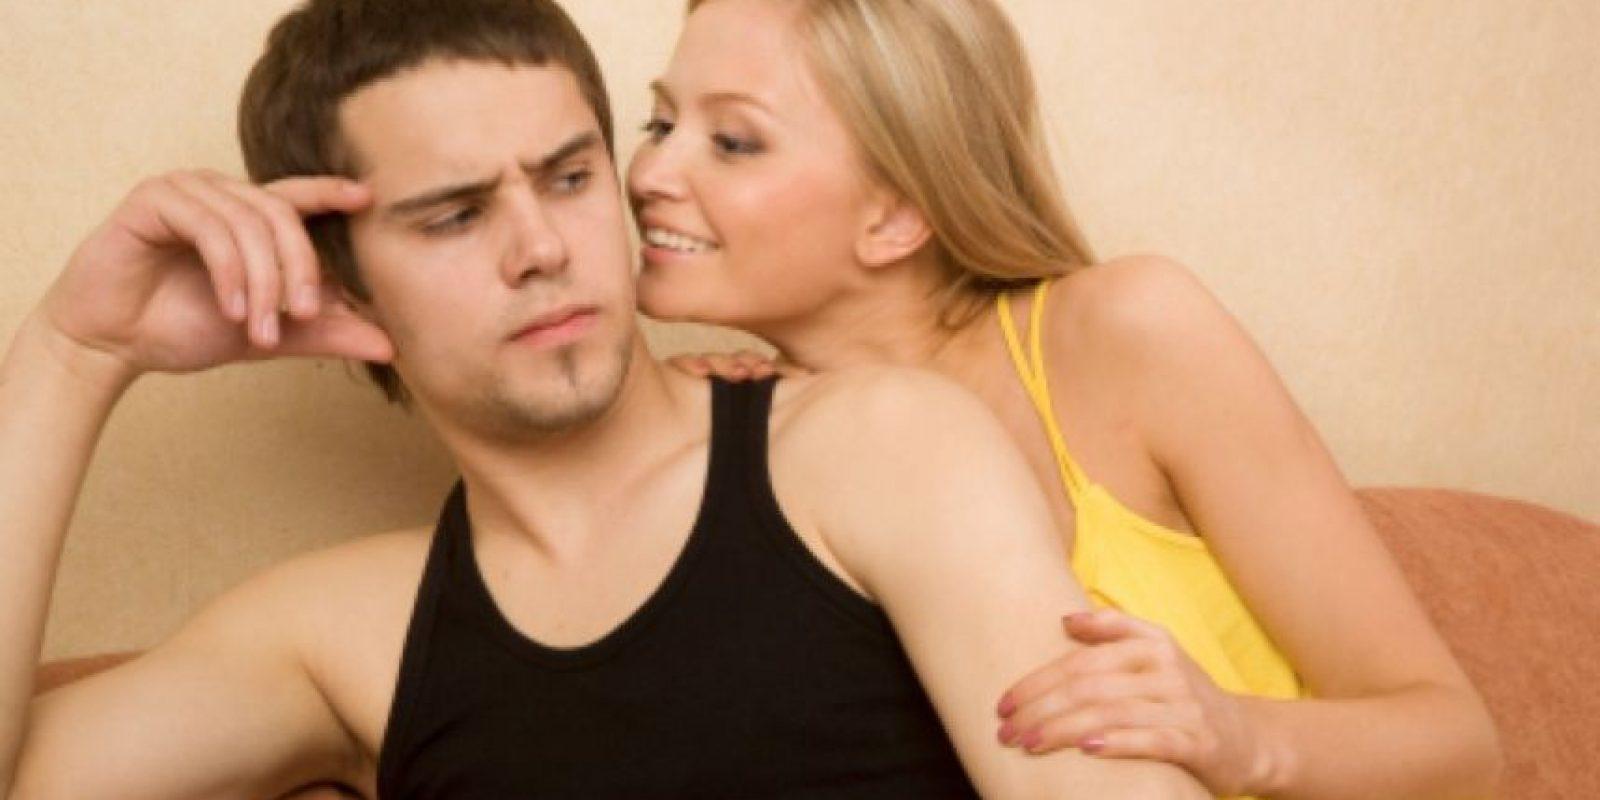 El control de la respiración y la relajación muscular pueden promover que la respuesta sexual se facilite y se alcance el orgasmo más rápido. Foto:Tumblr.com/Tagged-problemas-pareja